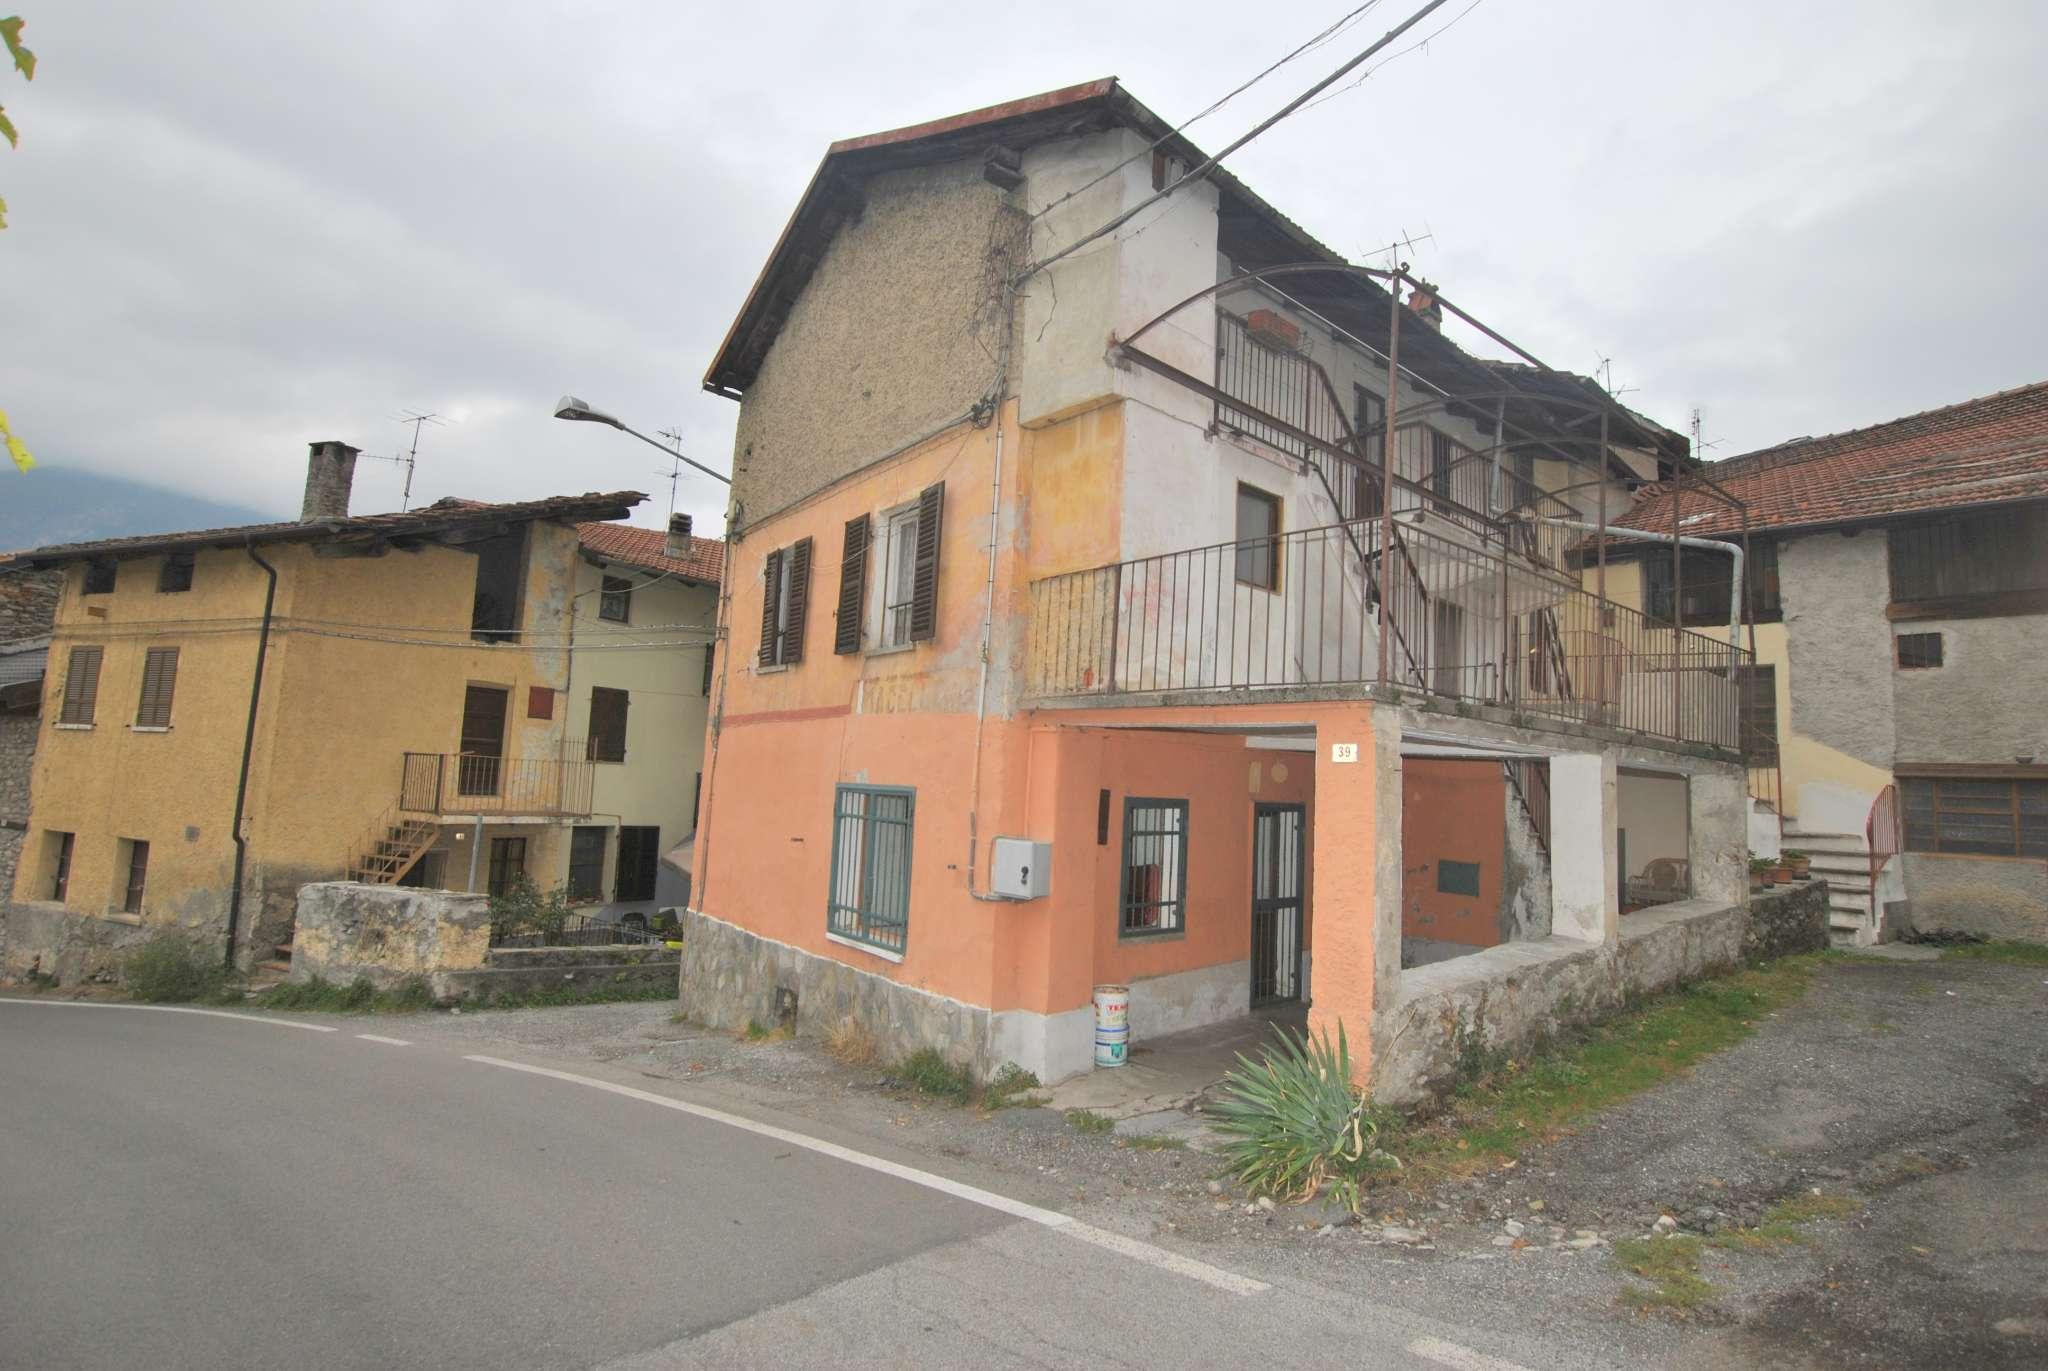 Soluzione Semindipendente in vendita a Meana di Susa, 6 locali, prezzo € 50.000 | PortaleAgenzieImmobiliari.it